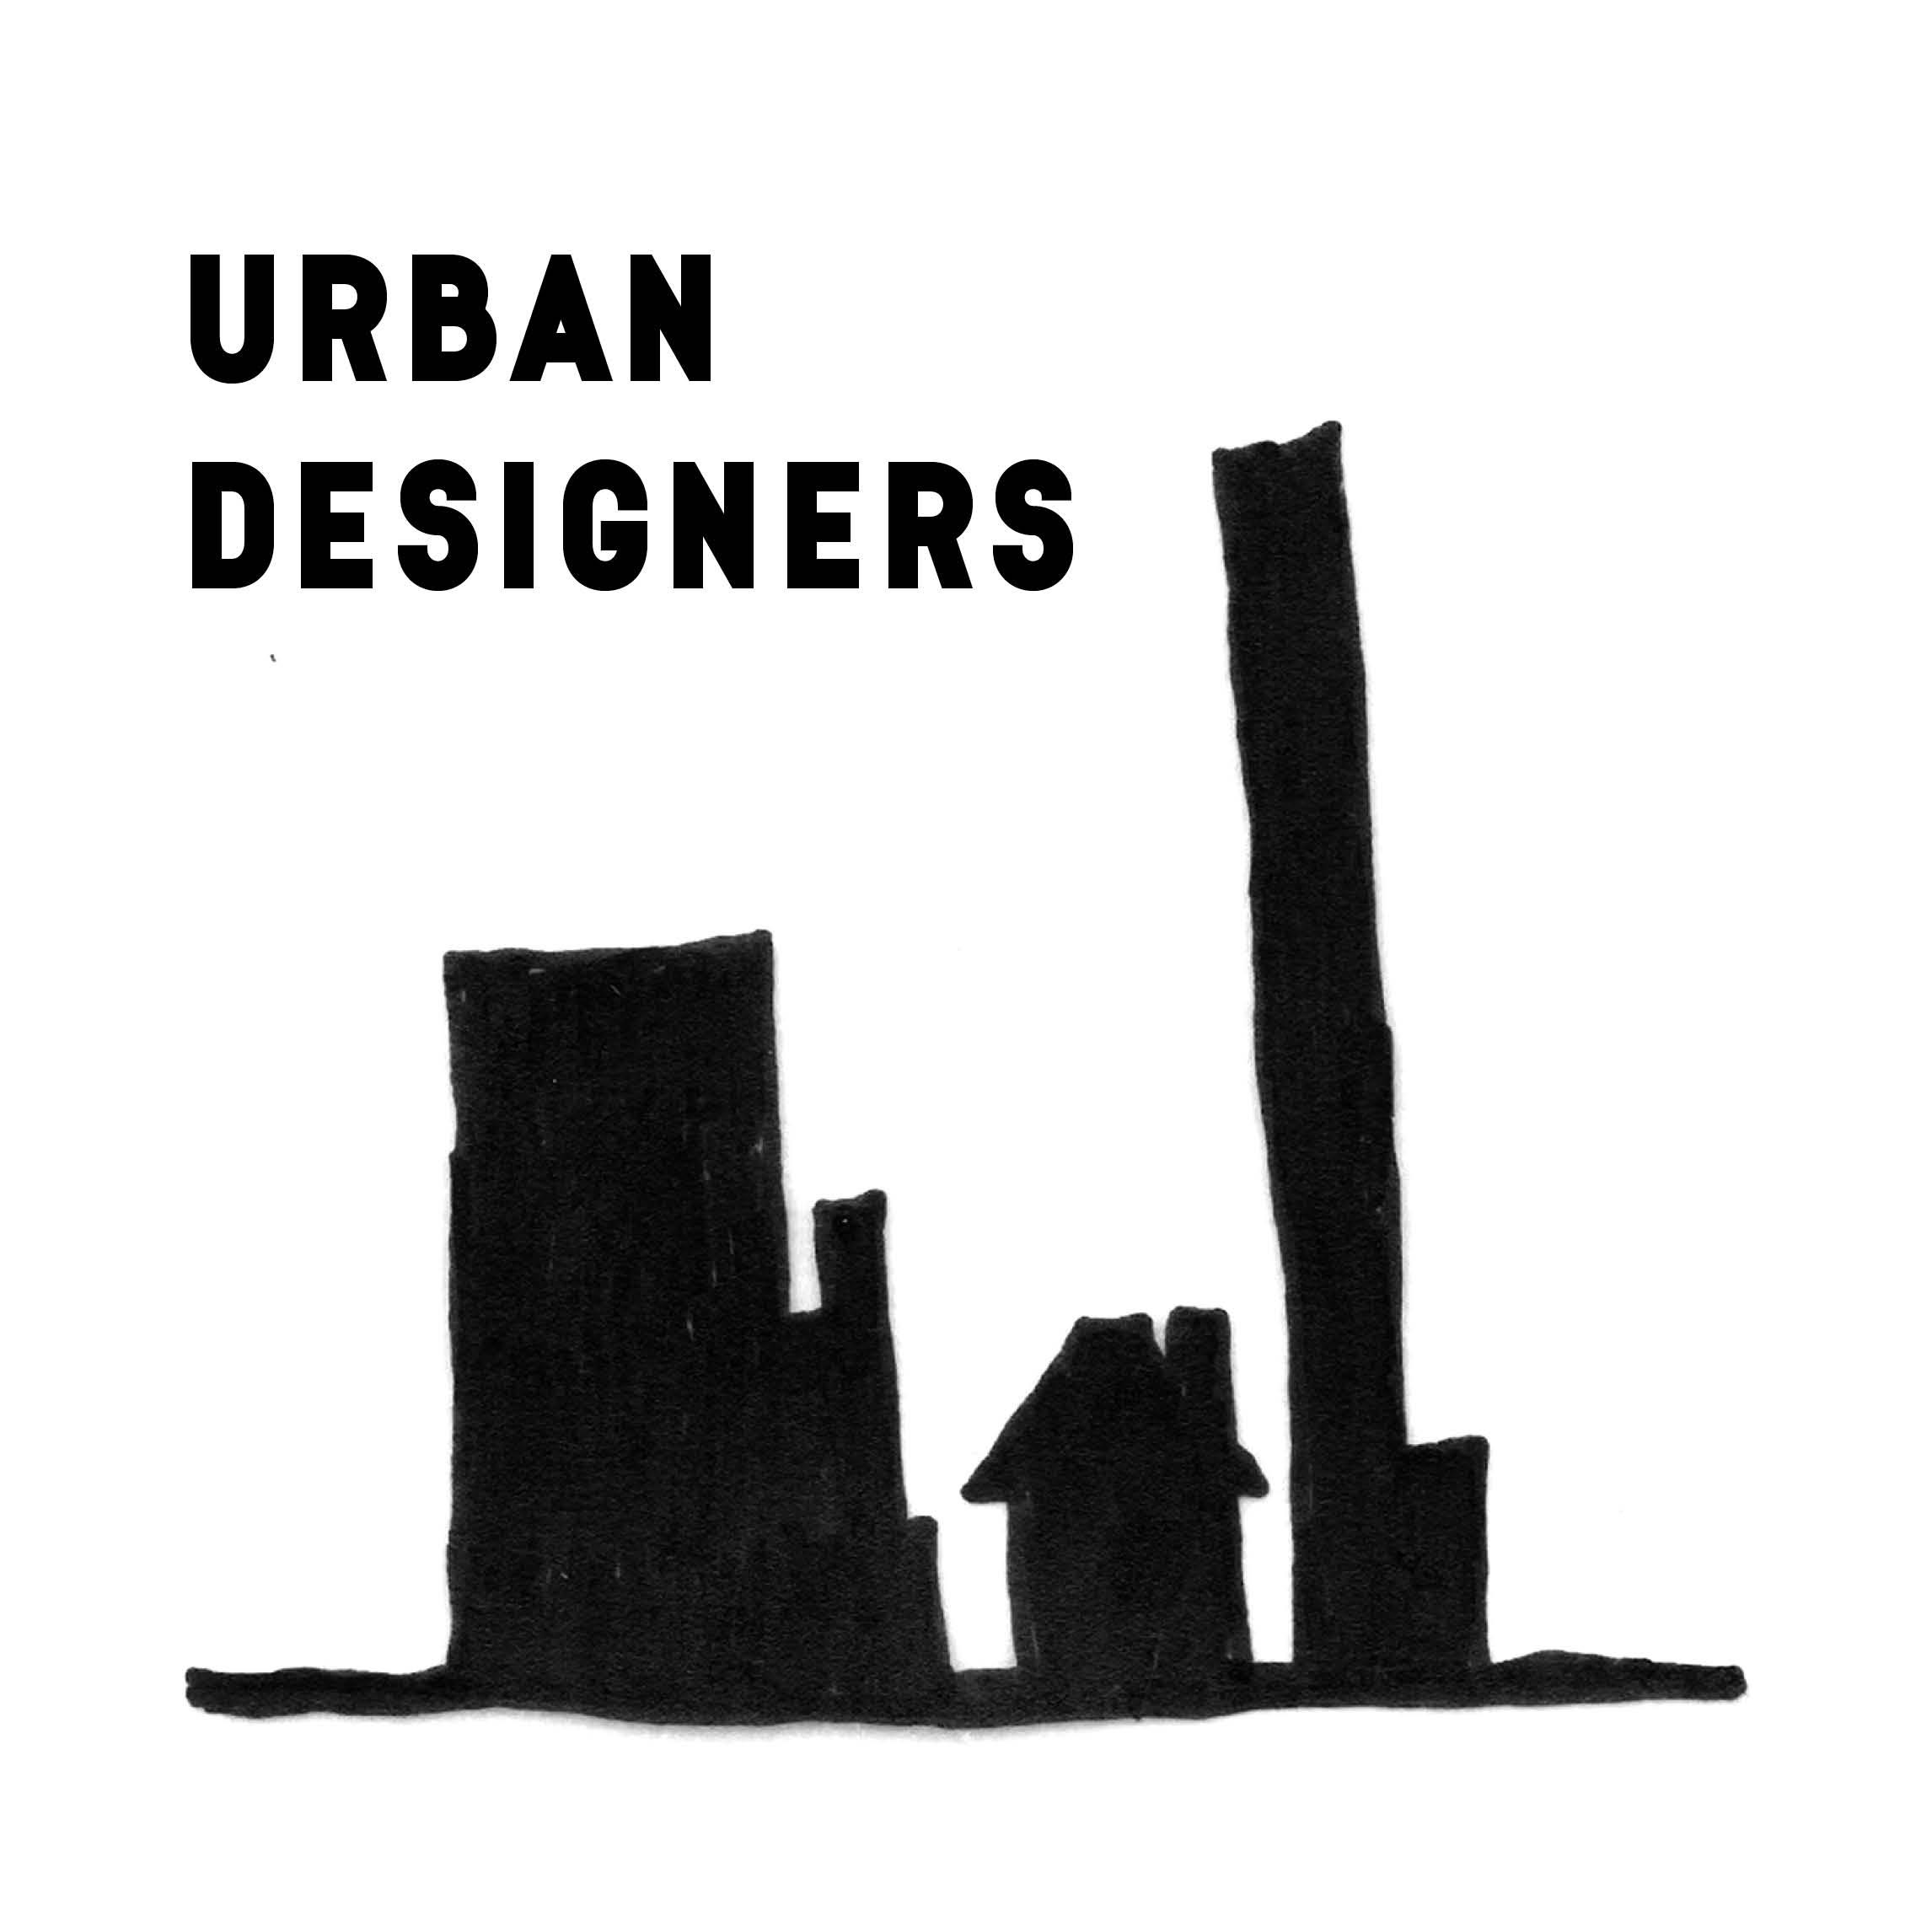 Urban Designers